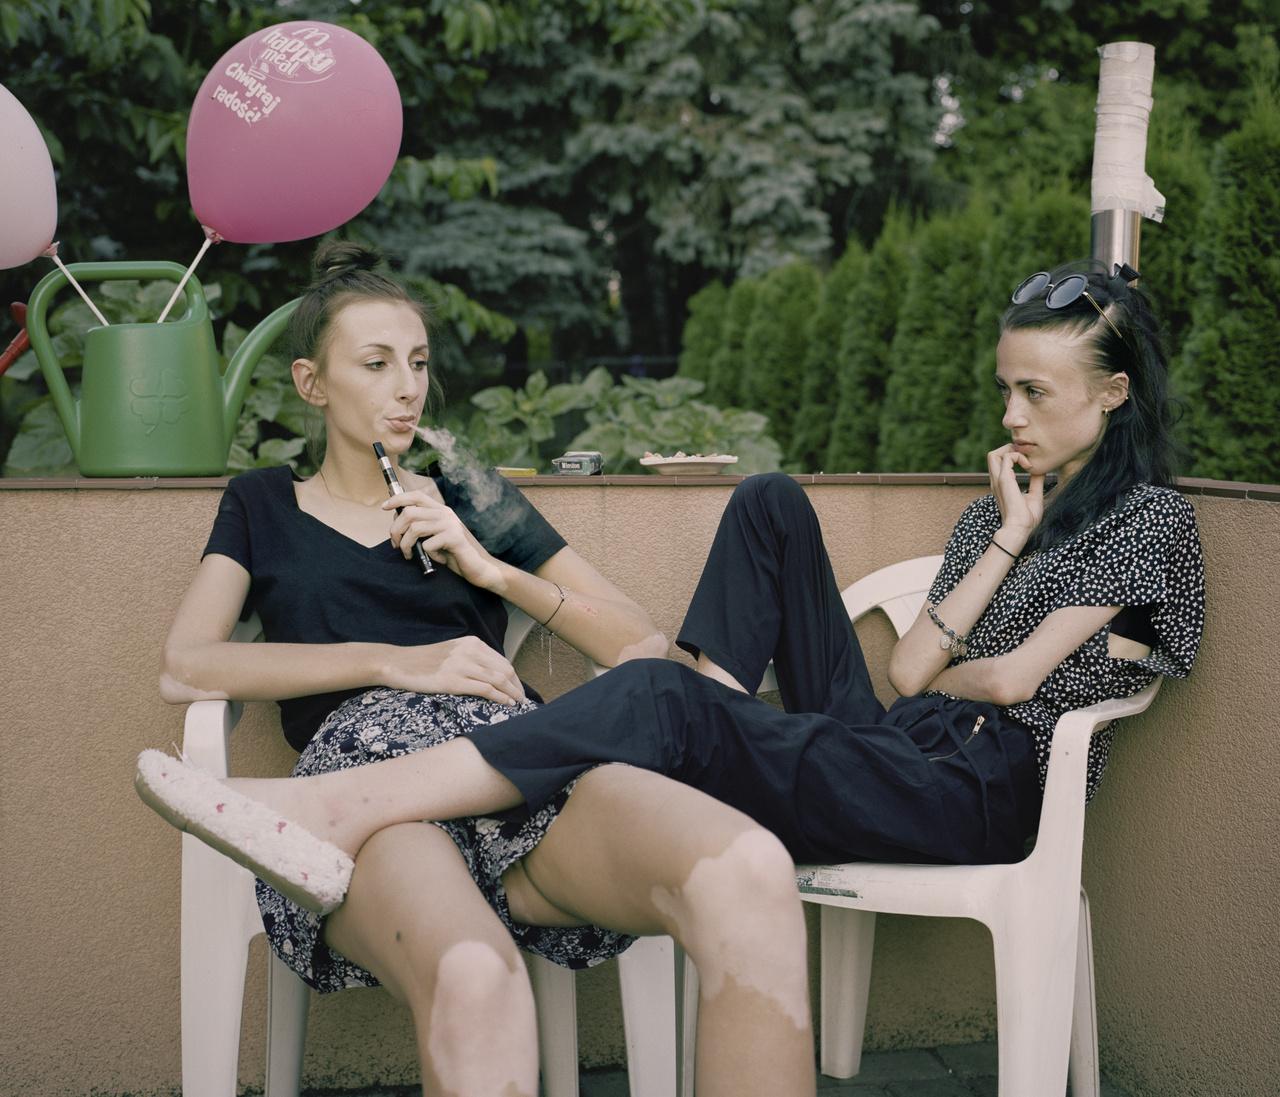 A bulímiás Karolina és az anorexiás Kaia rögtön az első, a Napos házban töltött napjukon összebarátkoztak. Egyikük sem volt kezdő: mindketten megjártak azelőtt már kórházat az evészavarukkal. Rejtély, hogy került vajon a Happy Meal feliratos lufi a hátuk mögötti zöld kannába: egy mcdonalds-os ebédnél kevés riasztóbb dolgot lehet elképzelni egy anorexiás számára. A cigaretta viszont annál inkább tipikus része a mindennapoknak. Az efféle helyeken nem egyedi, hogy megtűrik a dohányzást, még akkor is, ha a betegek hivatalosan nem elég idősek hozzá, legfeljebb szülői engedélyt kell bemutatni. A gyógyításon dolgozók szempontjából talán az szól mellette, hogy a cigaretta enyhíti a rettenetes szorongást, amit ezek a lányok - főleg evés után - átélnek. A lányok szempontja nyilvánvaló: elnyomja az éhséget, segít megakadályozni a hízást.